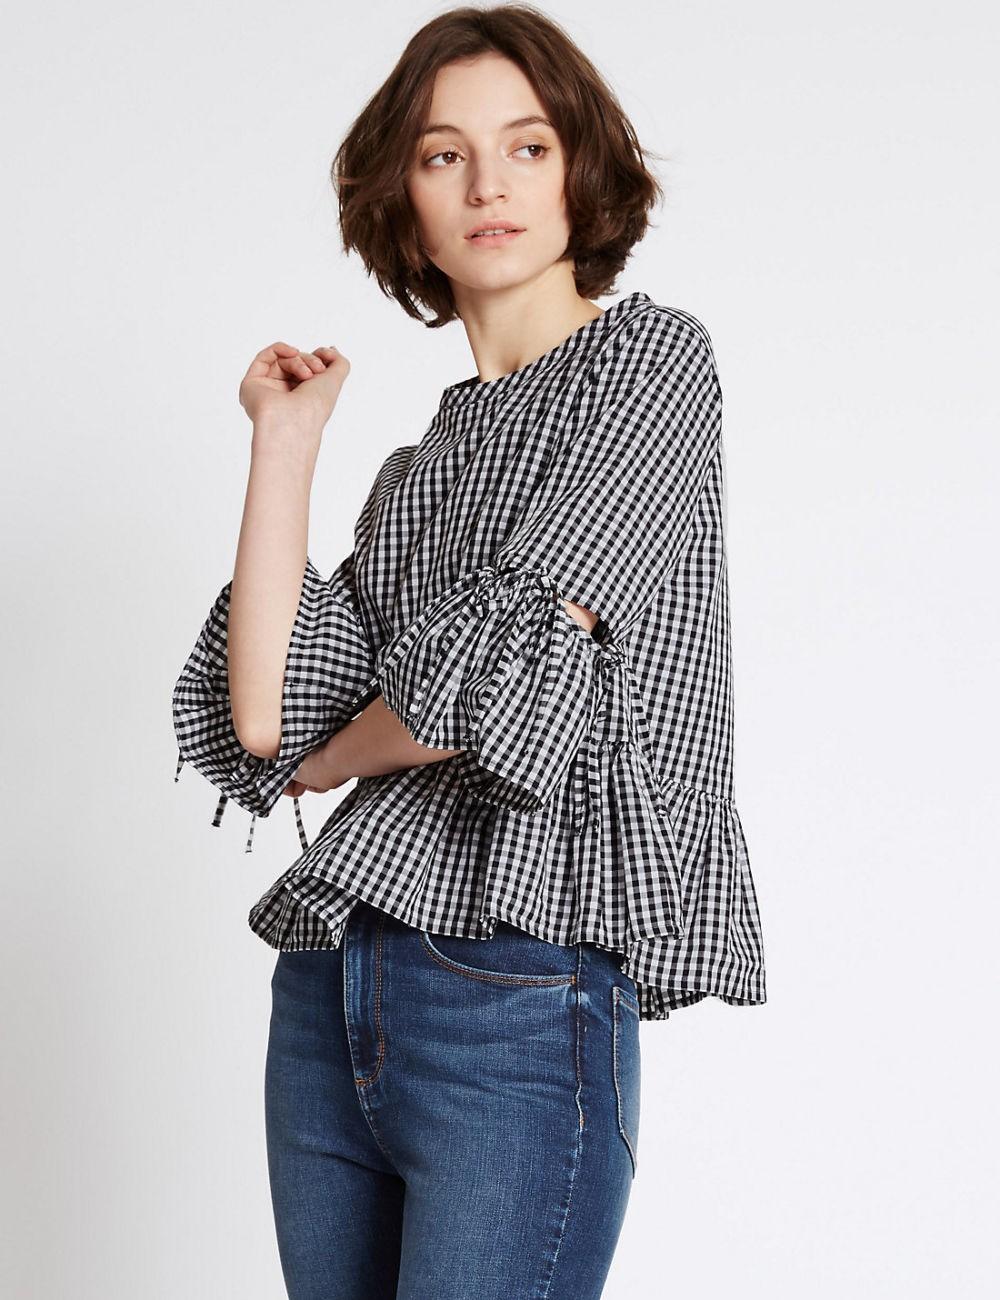 модные блузки 2018: в клетку черная с белым с воланами